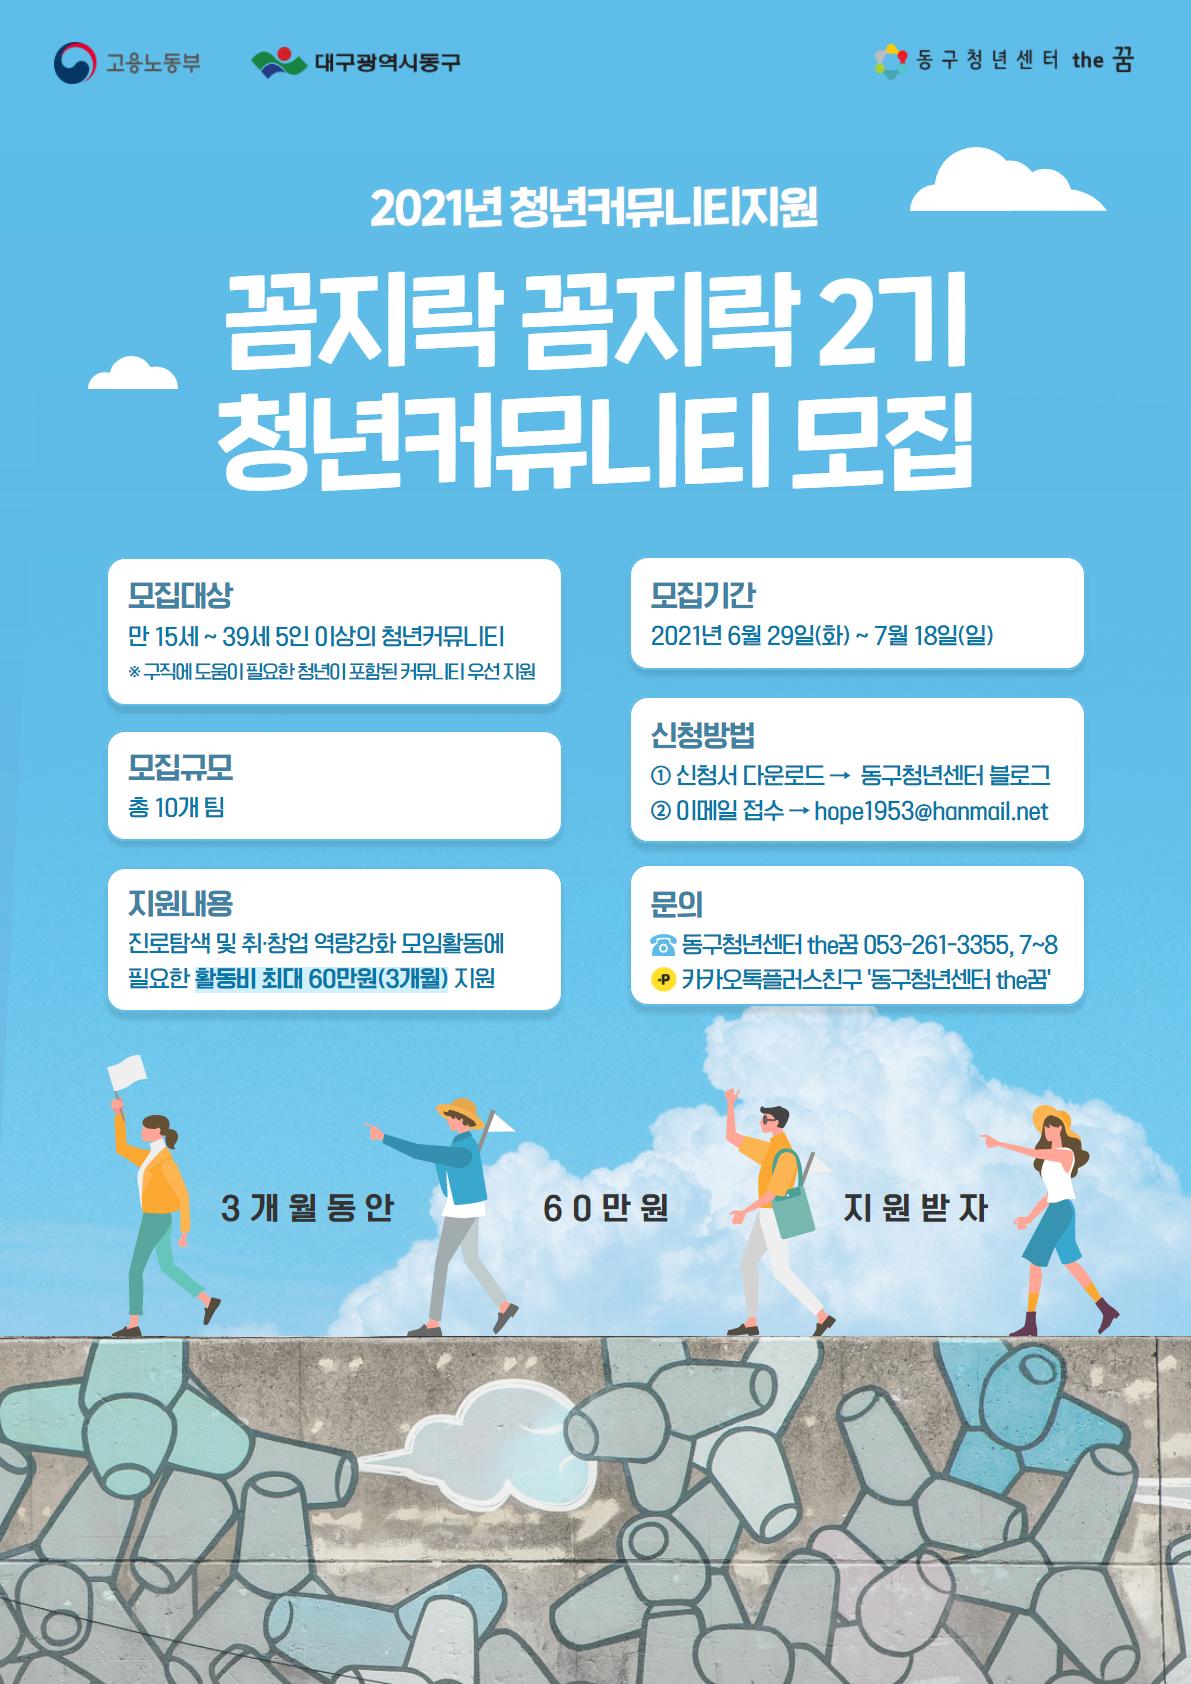 동구청년센터the꿈 청년커뮤니티지원 '꼼지락 꼼지락' 2기 청년커뮤니티 모집